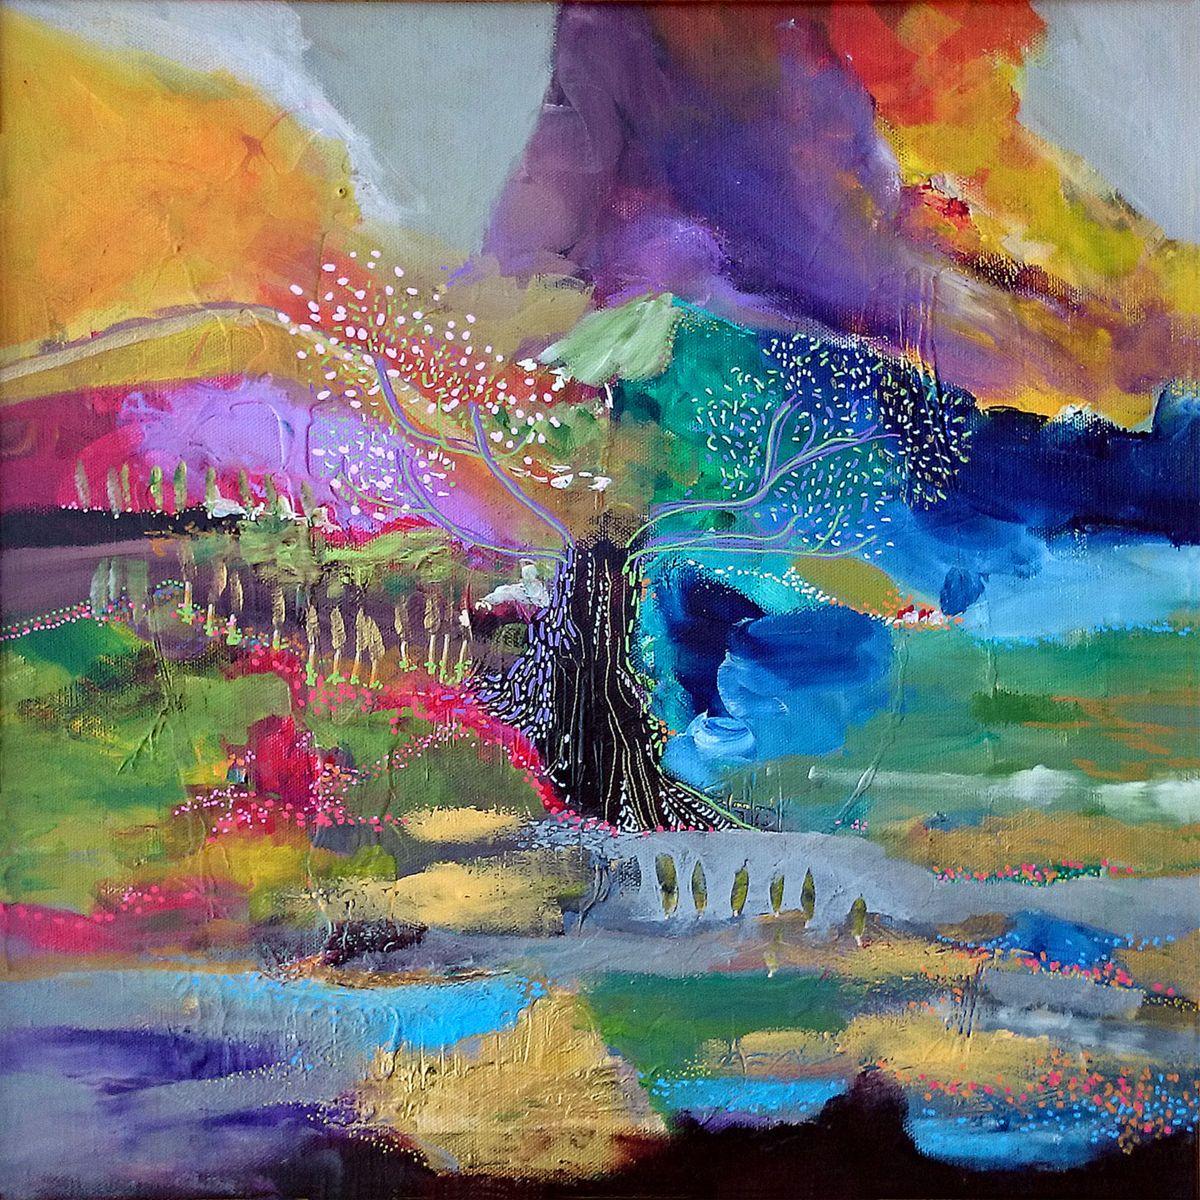 L 39 Arbre Monde Peinture 40x40 Cm Par Philippe Abril Acrylique Et Posca Sur Toile Affiche Artistique Les Arts Comment Peindre